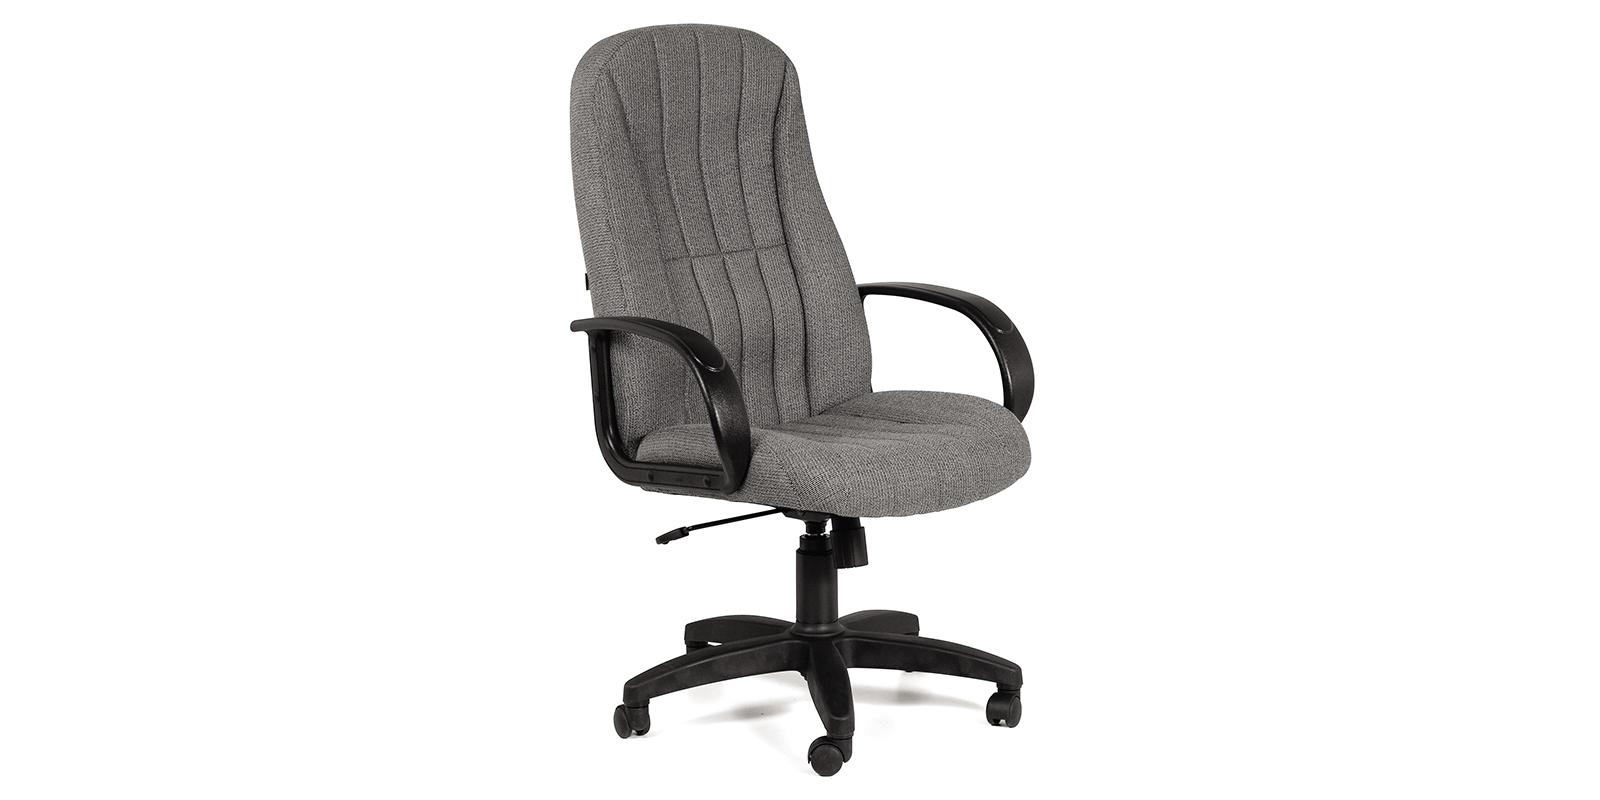 Кресло для руководителя Chairman 685 вариант №1 (серый)